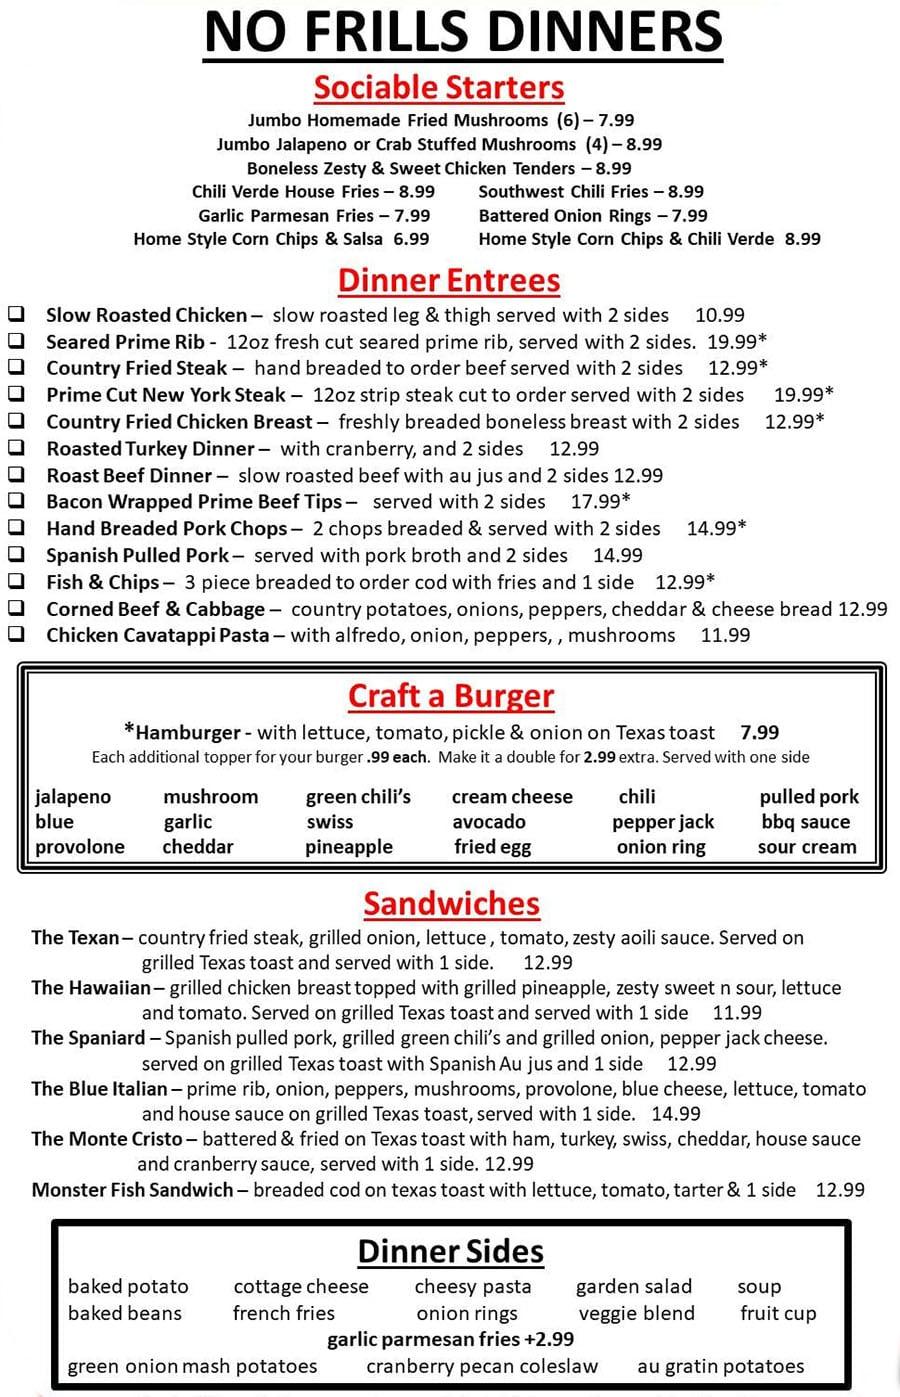 No Frills Diner menu - dinner